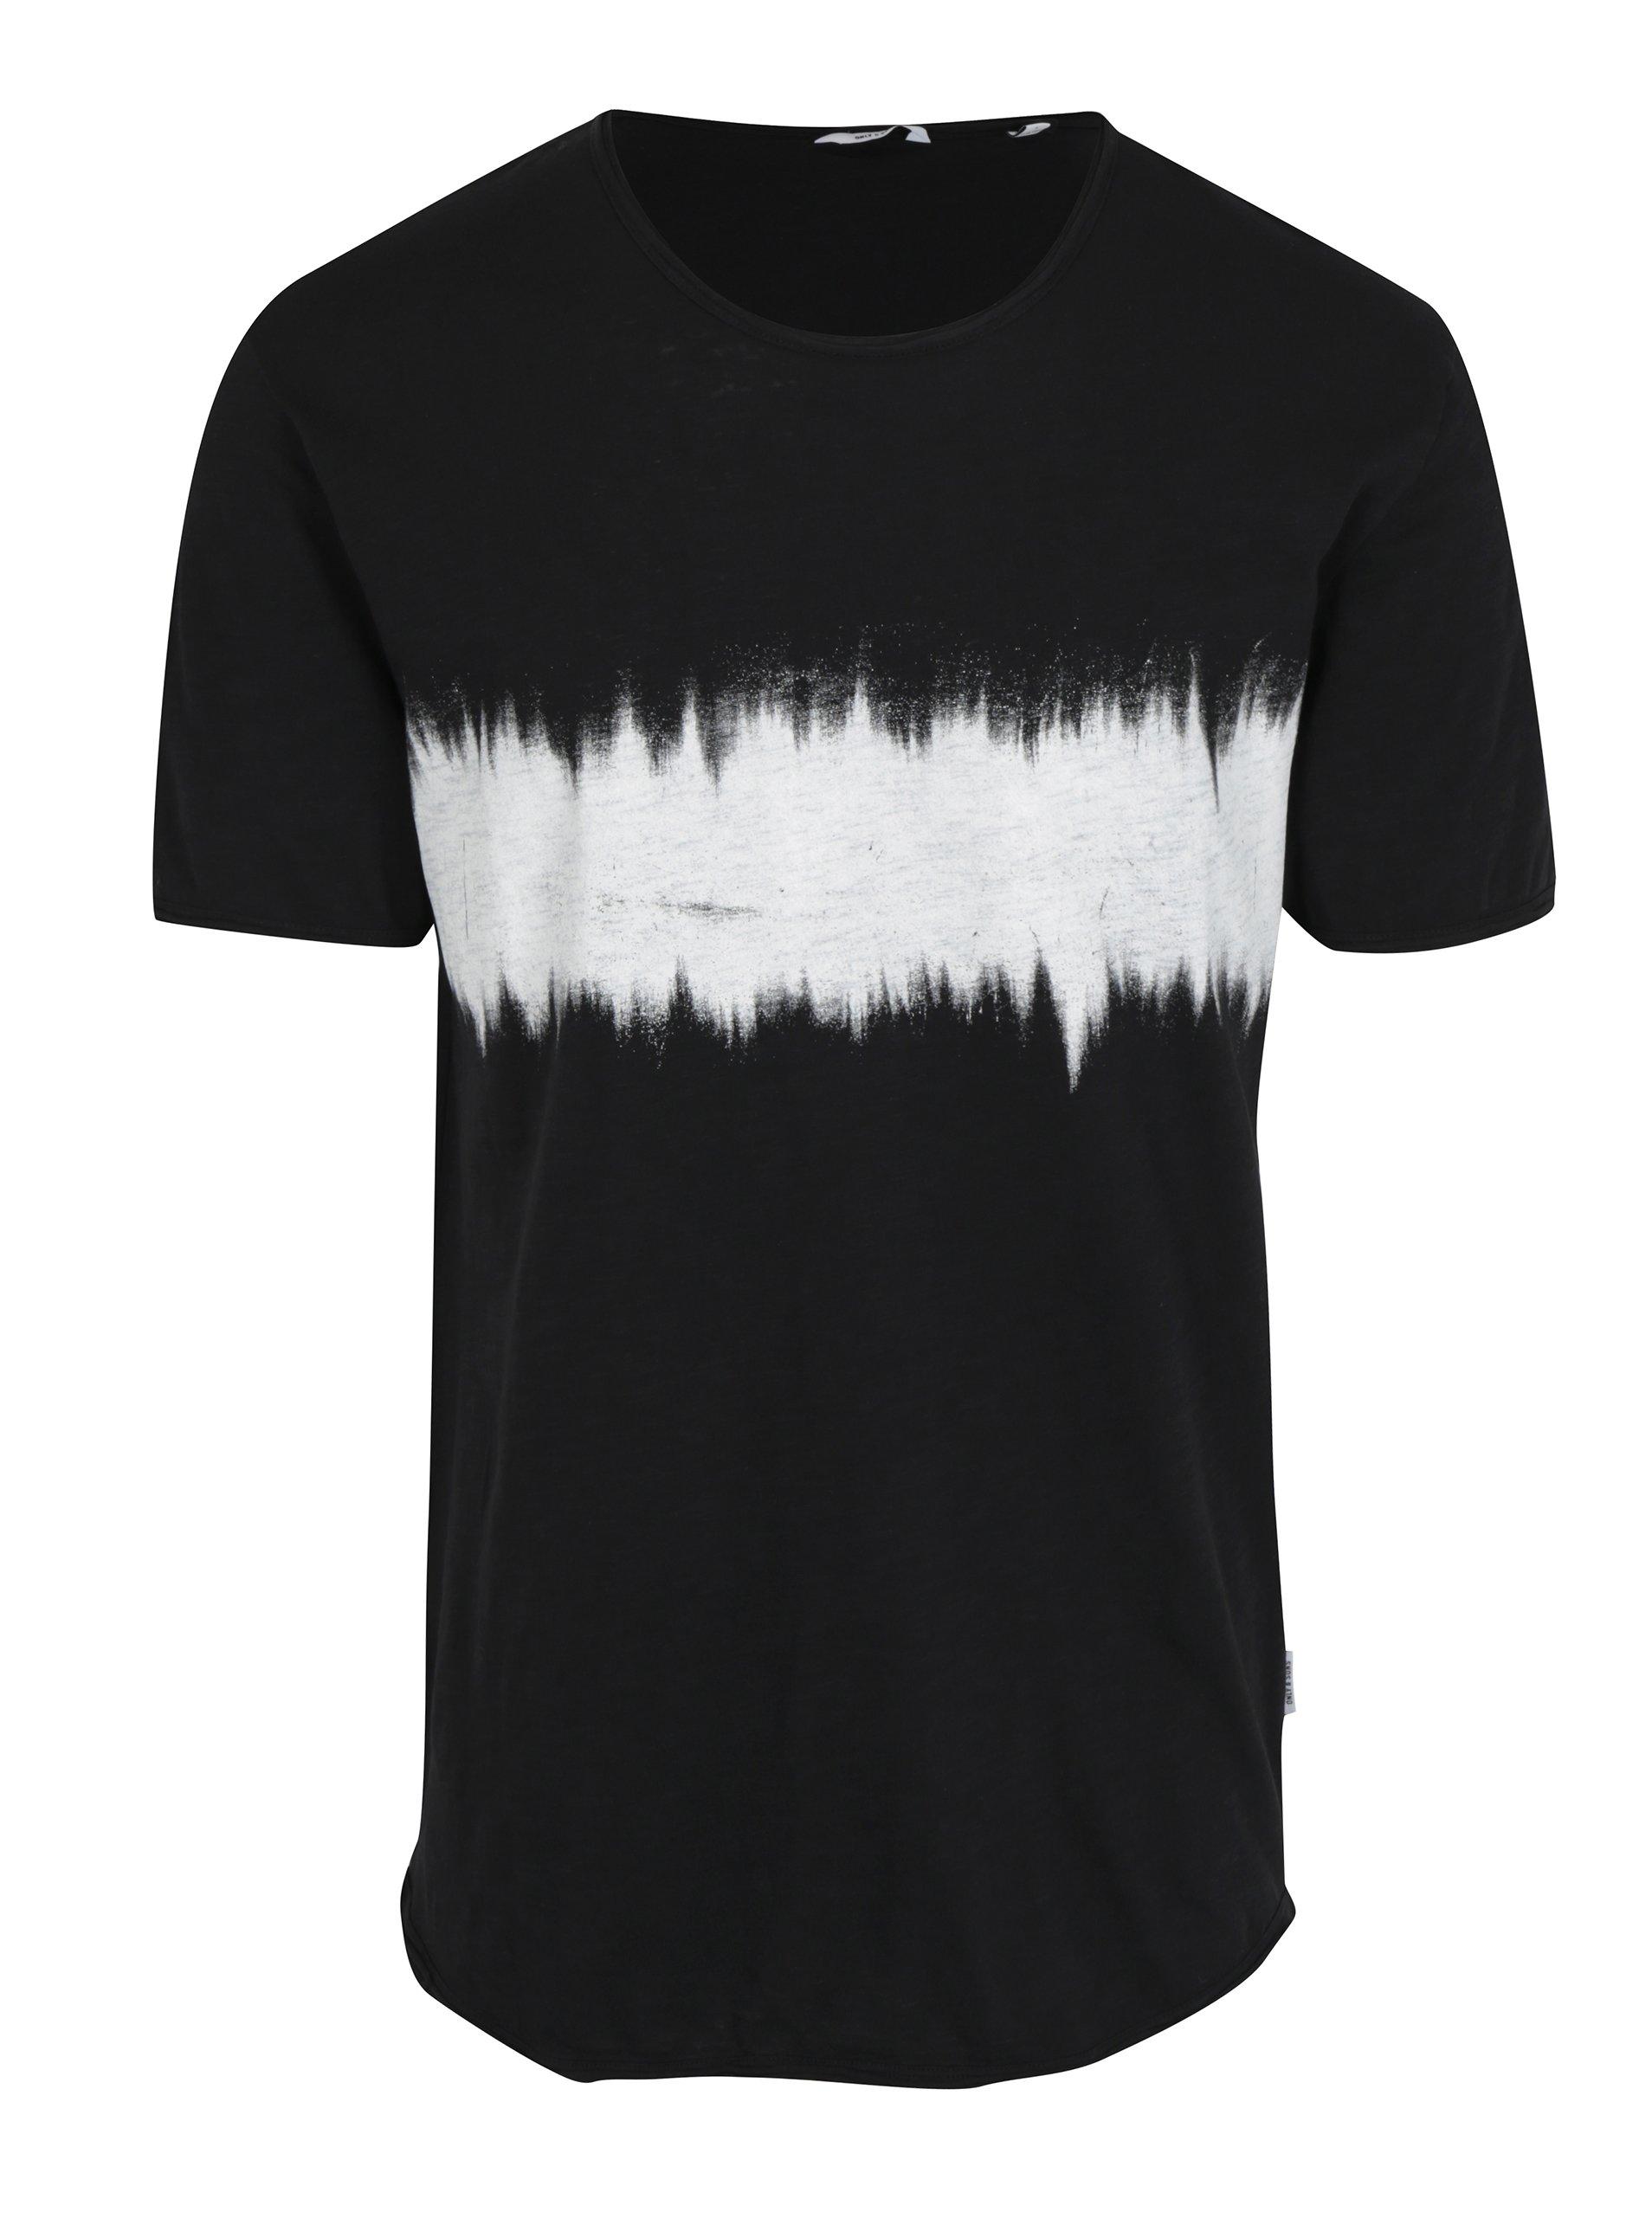 f3b5d44dd4c4 Čierne dlhé tričko s potlačou ONLY   SONS Samuel